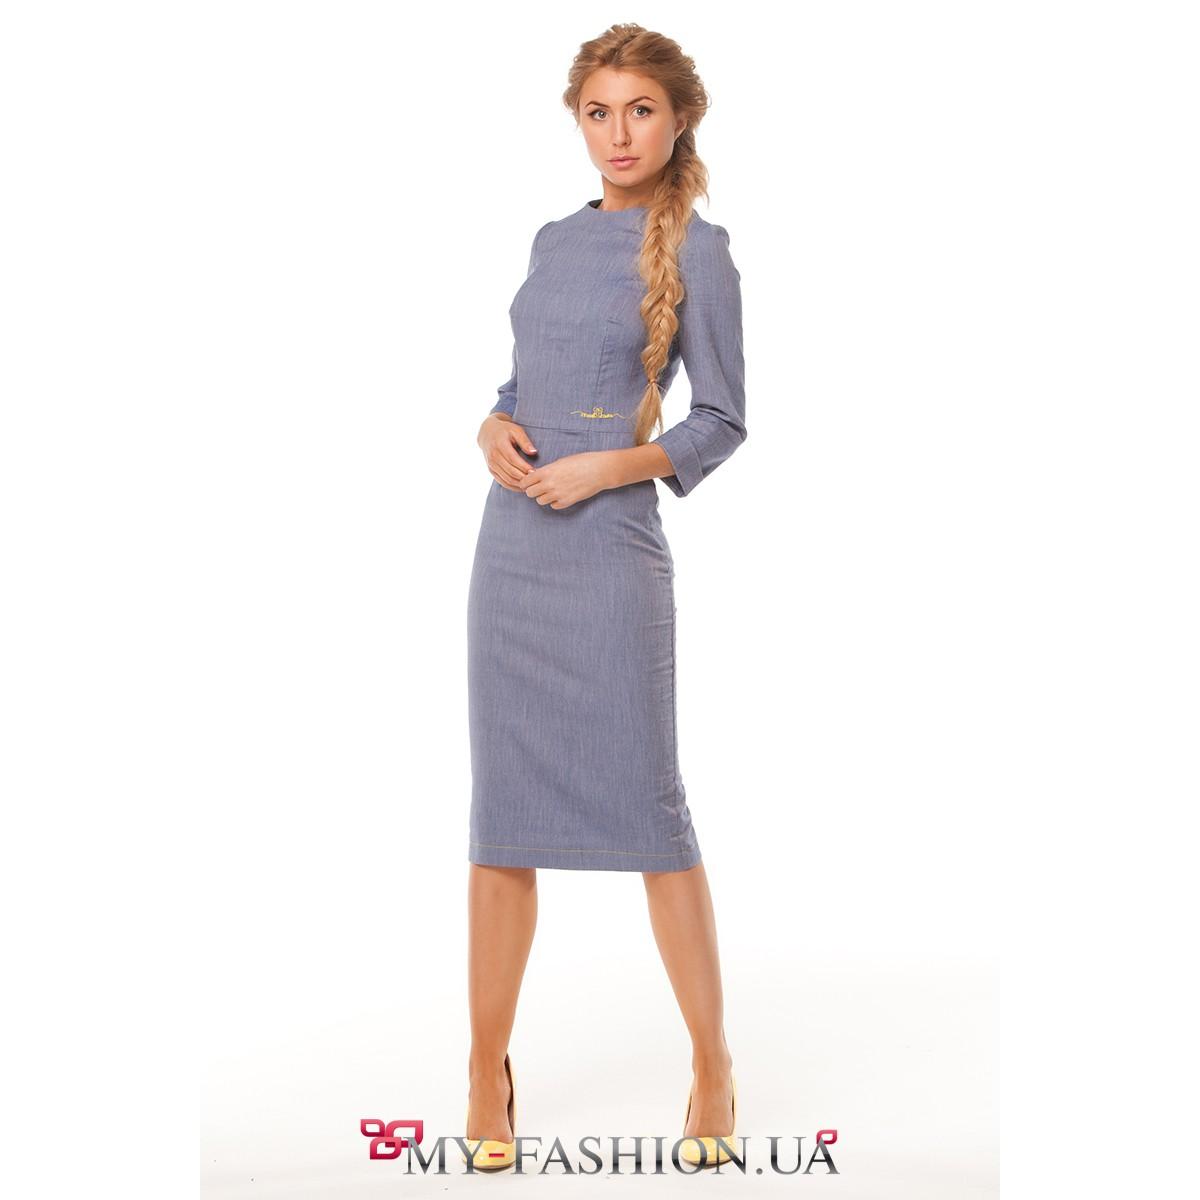 Женская одежда большого размера чебоксары